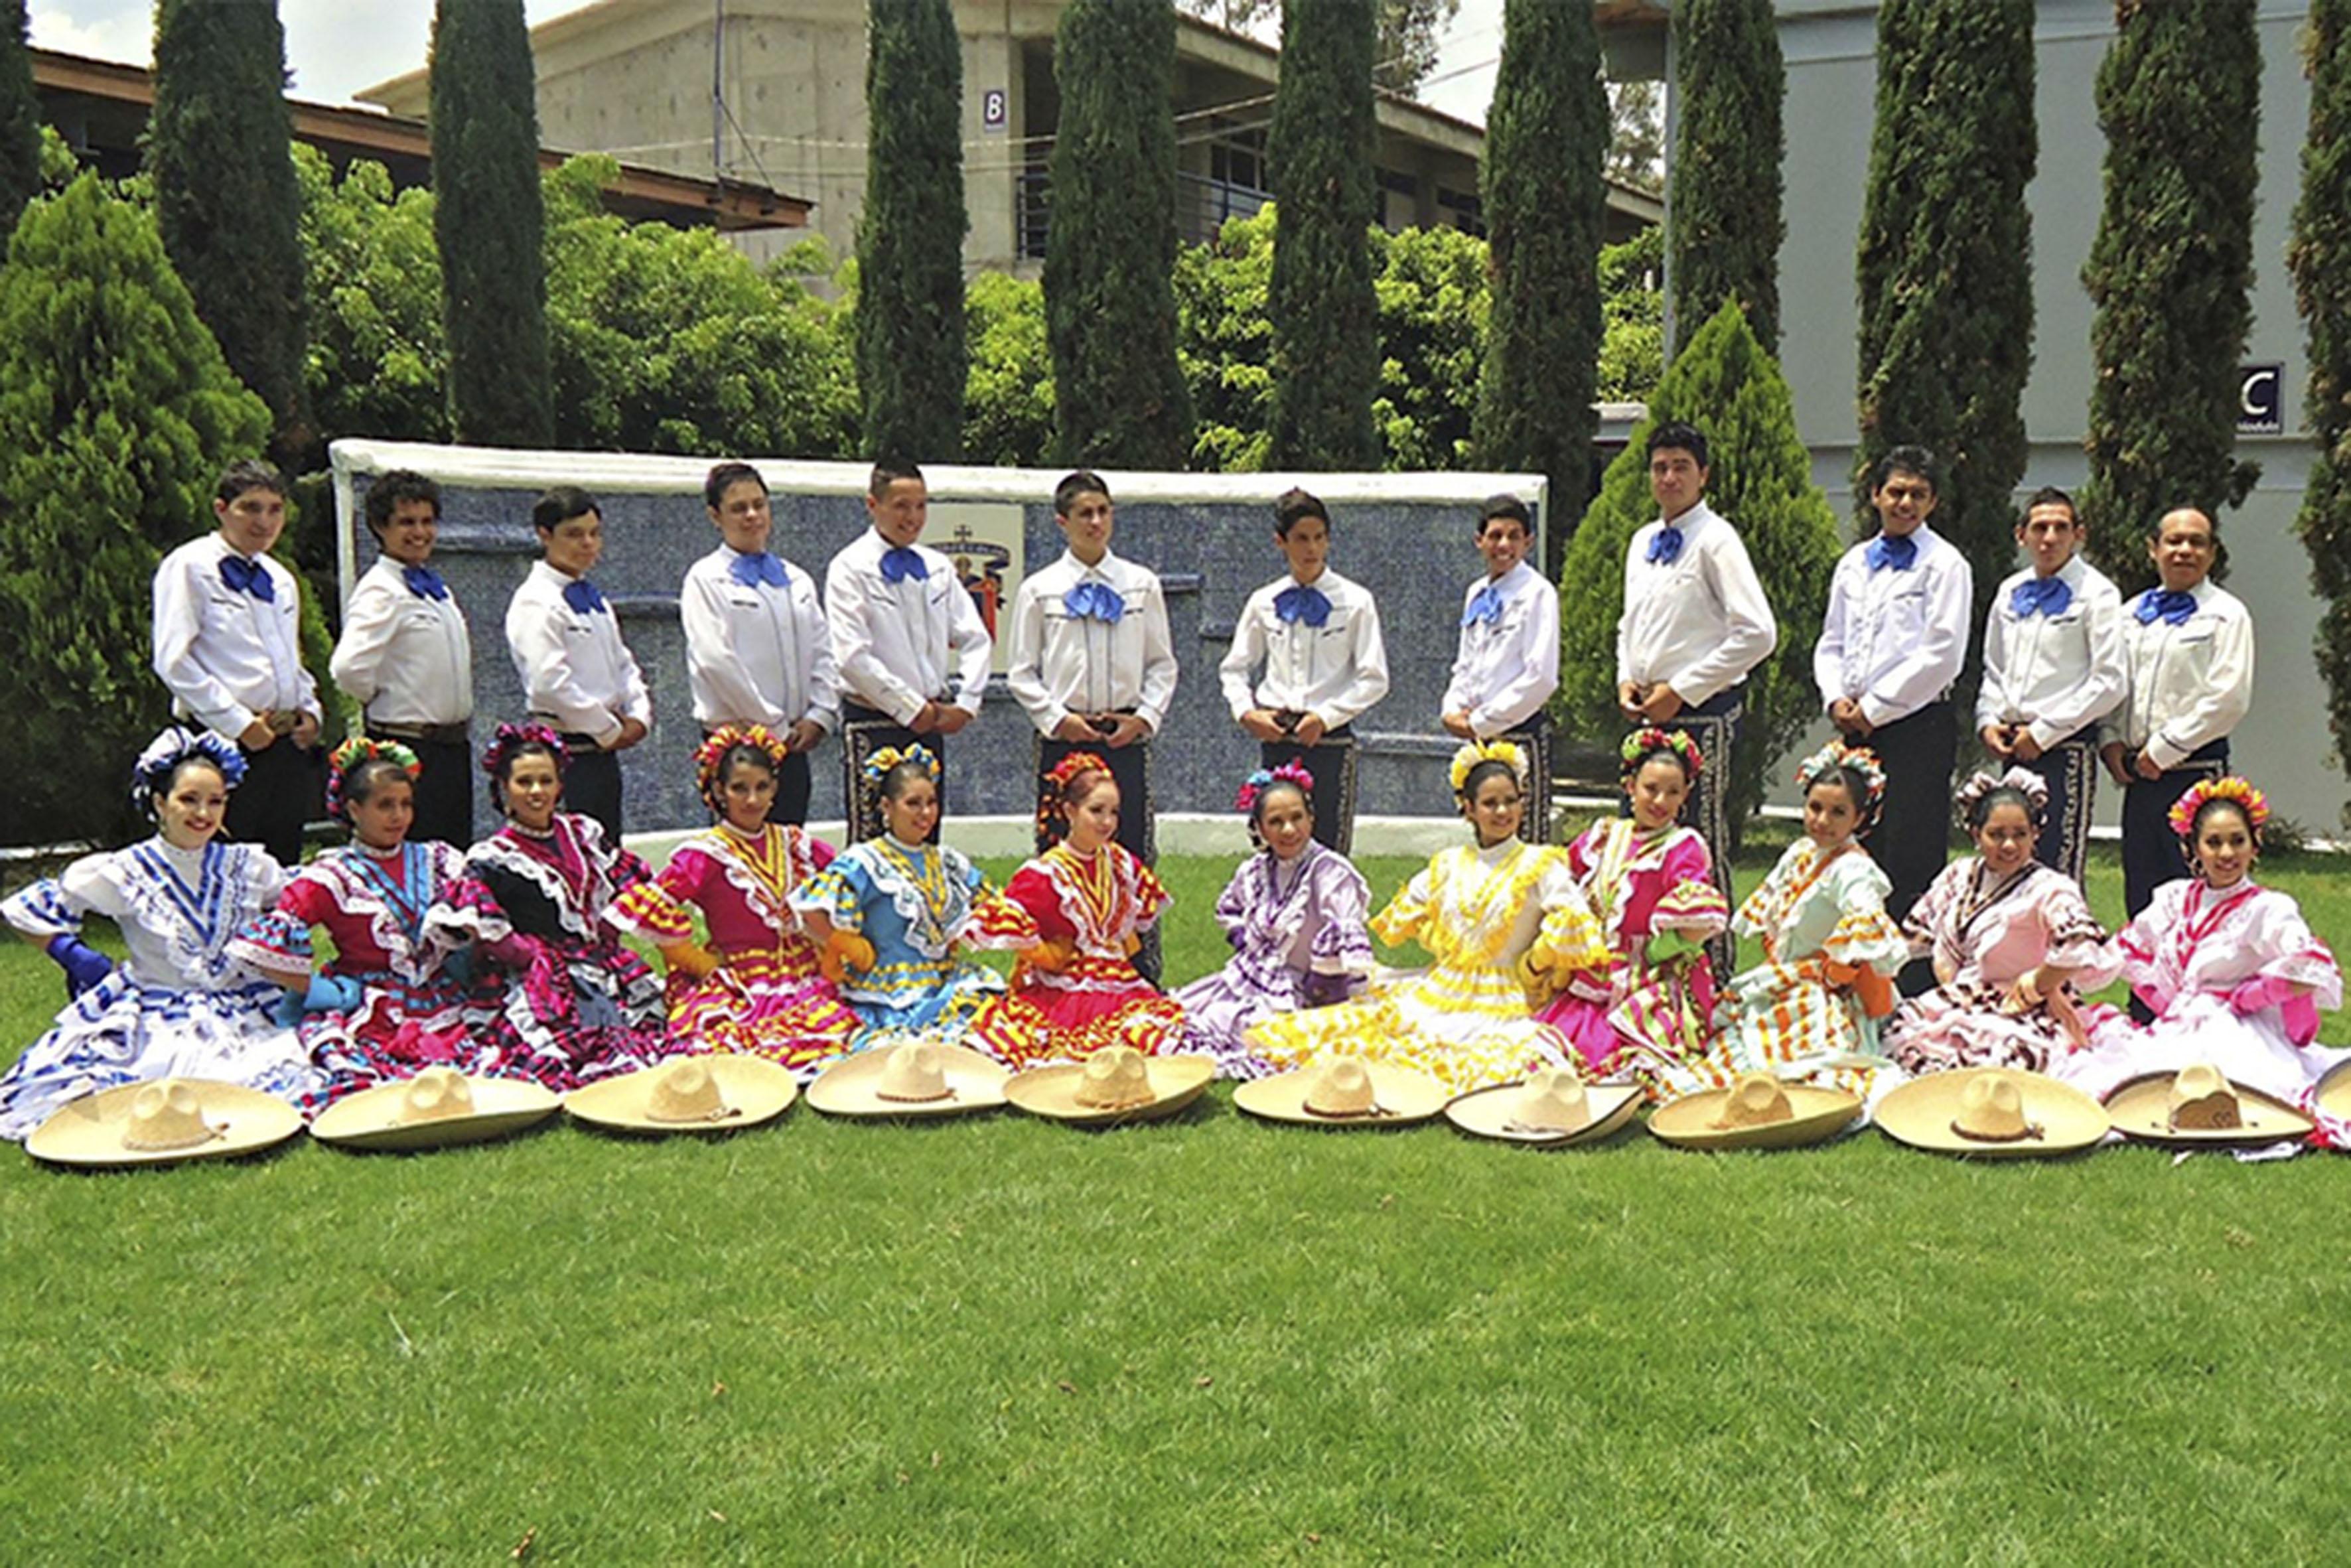 Estudiantes y representantes del grupo folclórico de la Preparatoria de El Salto de la Universidad de Guadalajara, con vestimenta típica, posando dentro de uno de los jardindes de sus instalaciones.